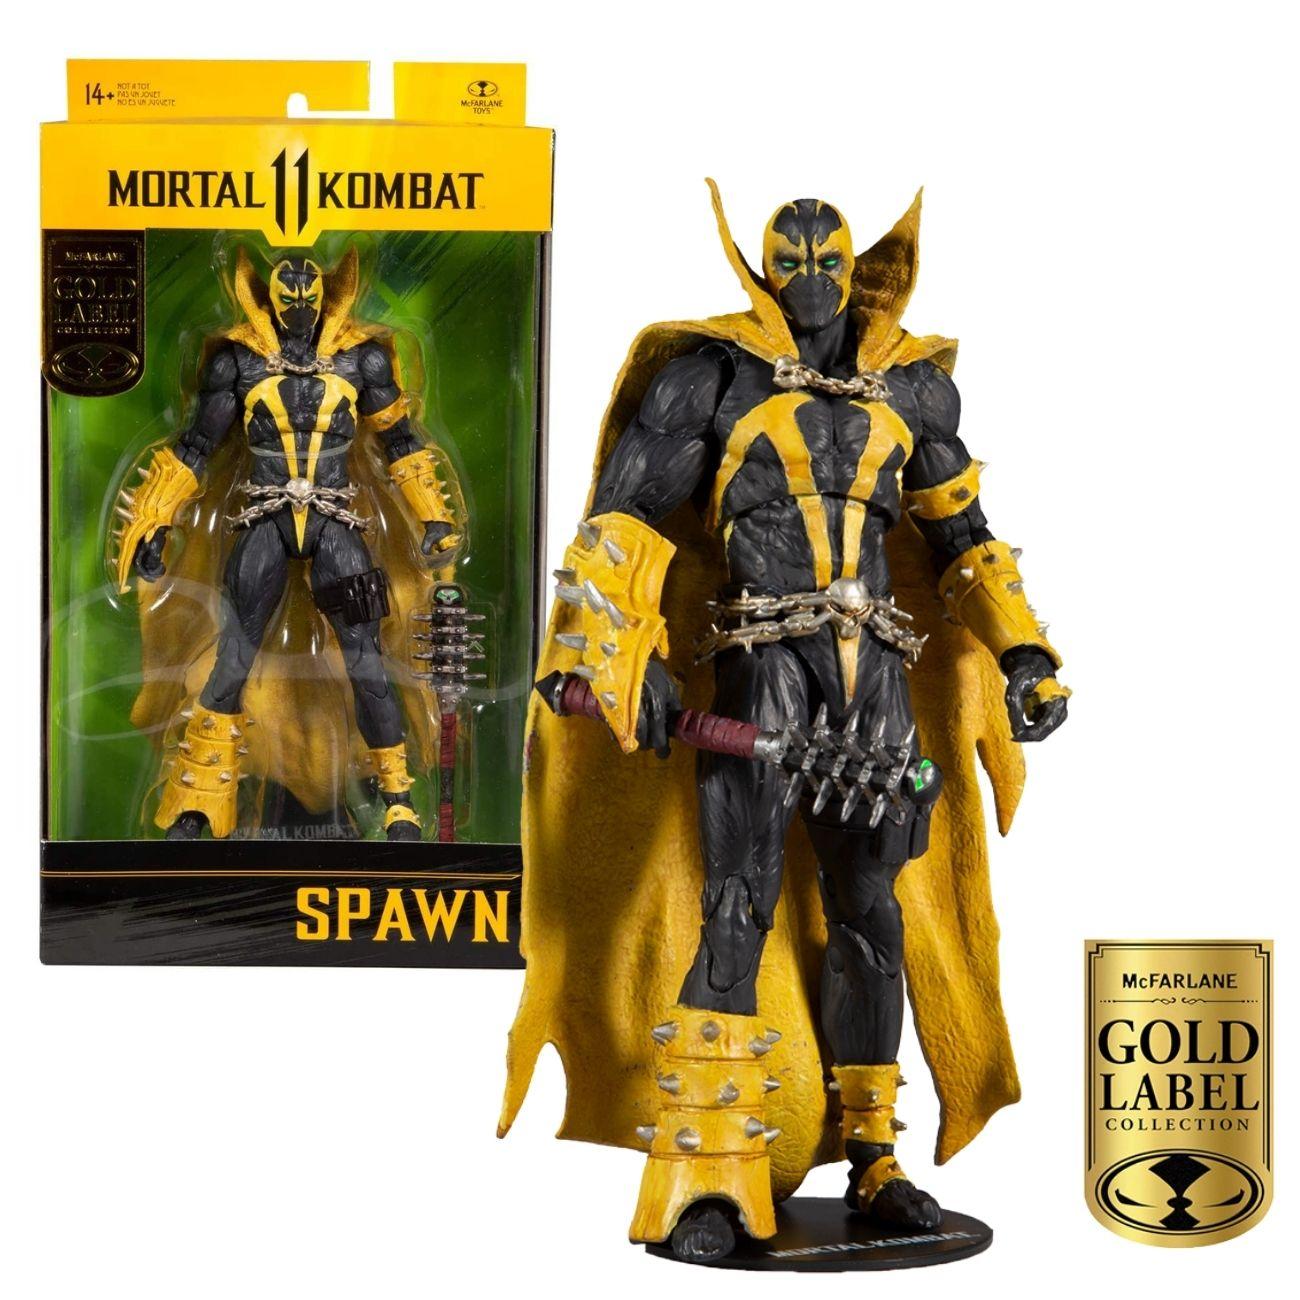 Boneco Spawn Gold Label - Mortal Kombat 11 Figure Mcfarlane